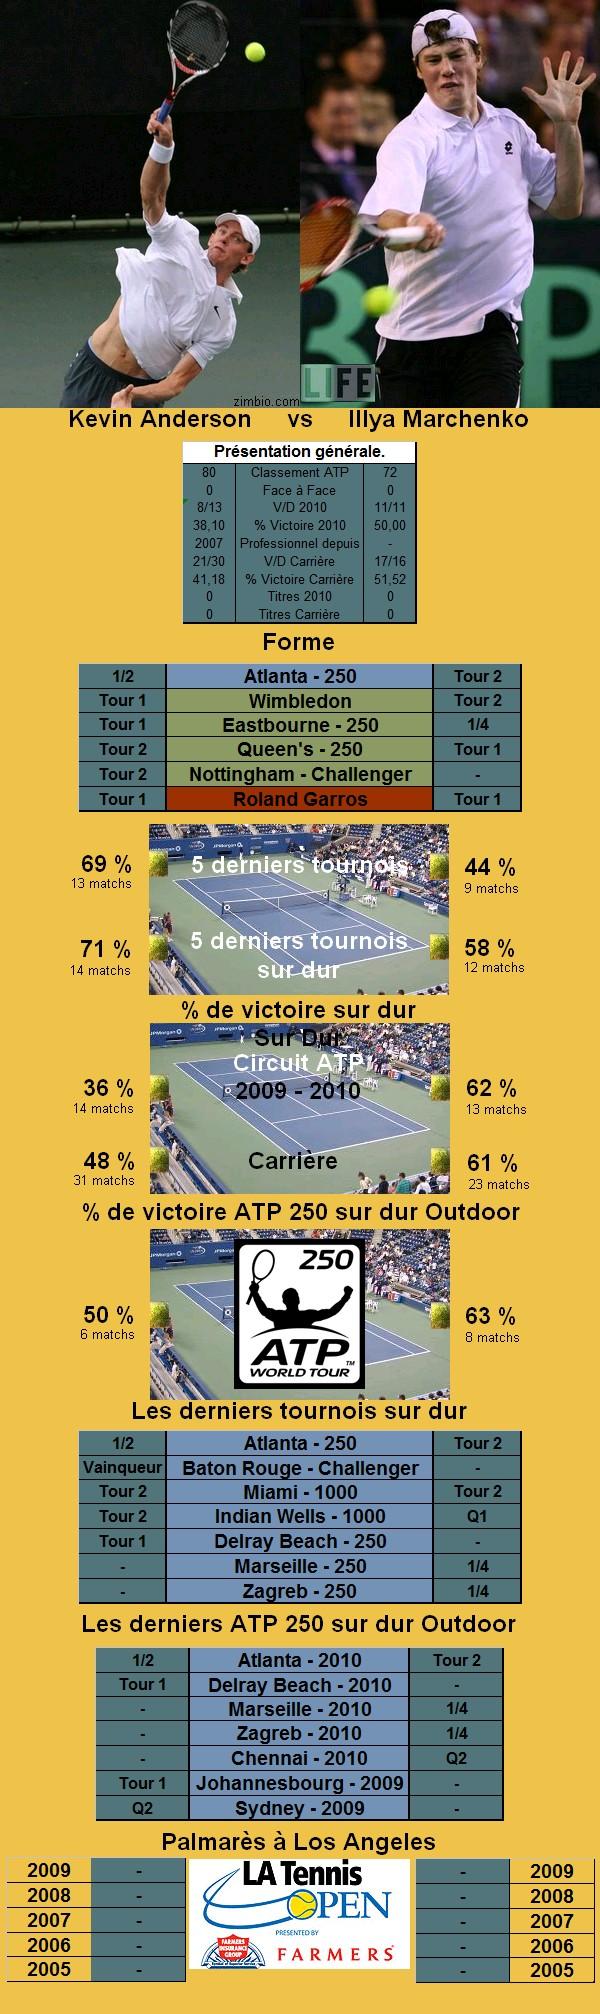 Statistiques tennis de Anderson contre Marchenko à Los Angeles